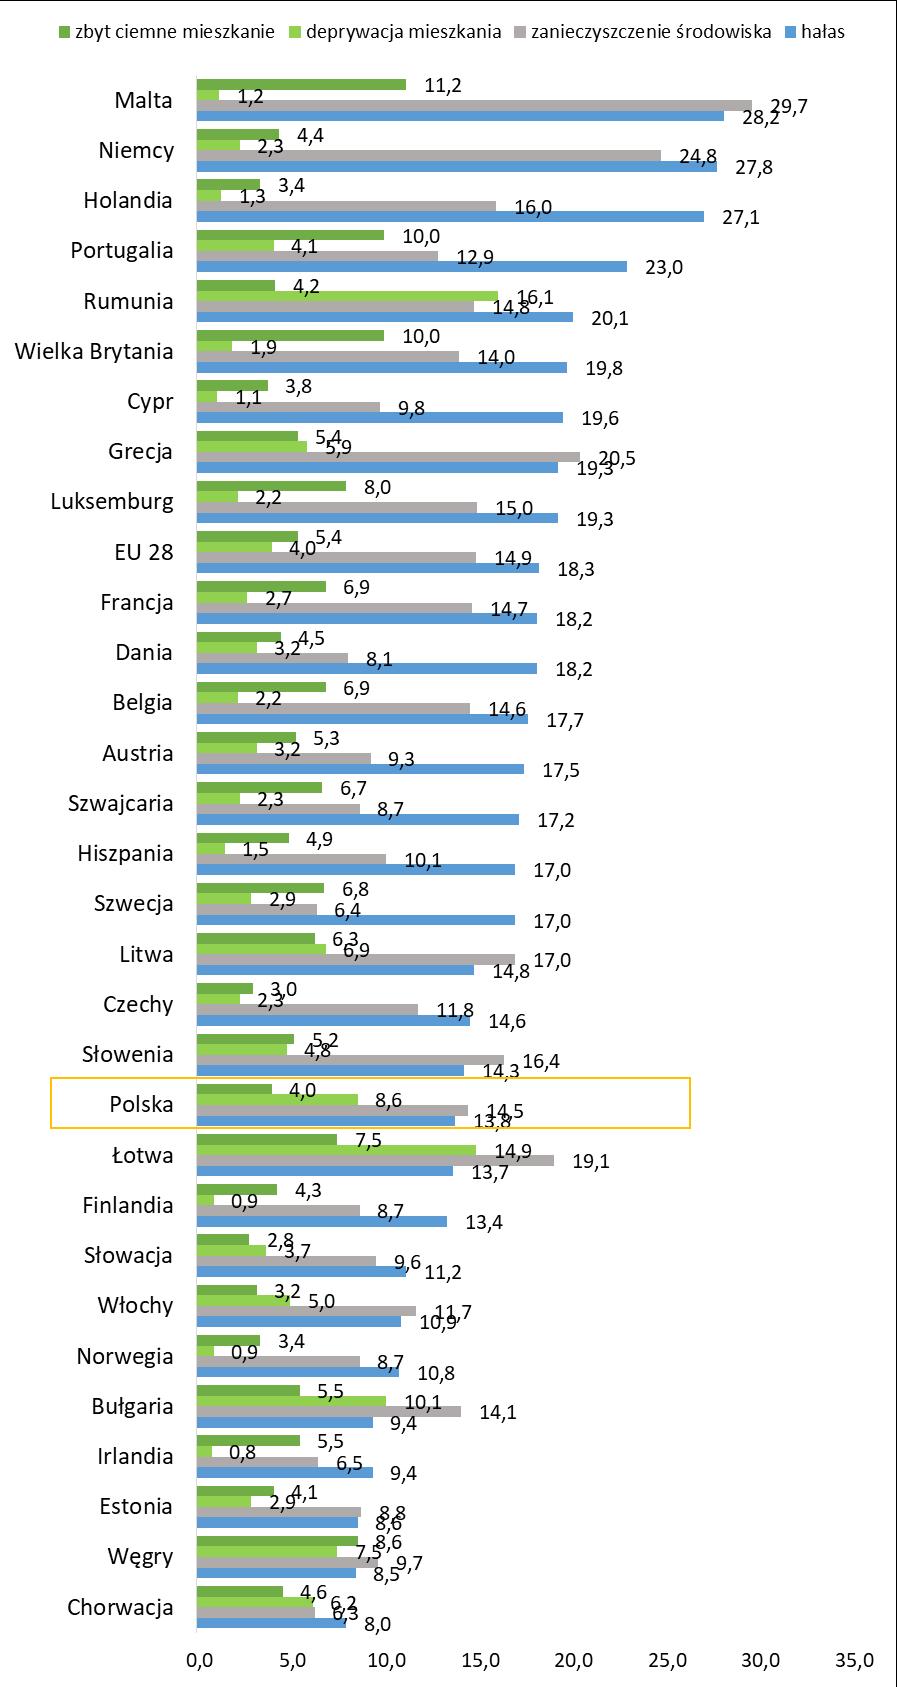 Co bardziej przeszkadza Europejczykom: hałas, zanieczyszczenie środowiska, brak światła dziennego czy inne niedostatki mieszkania?